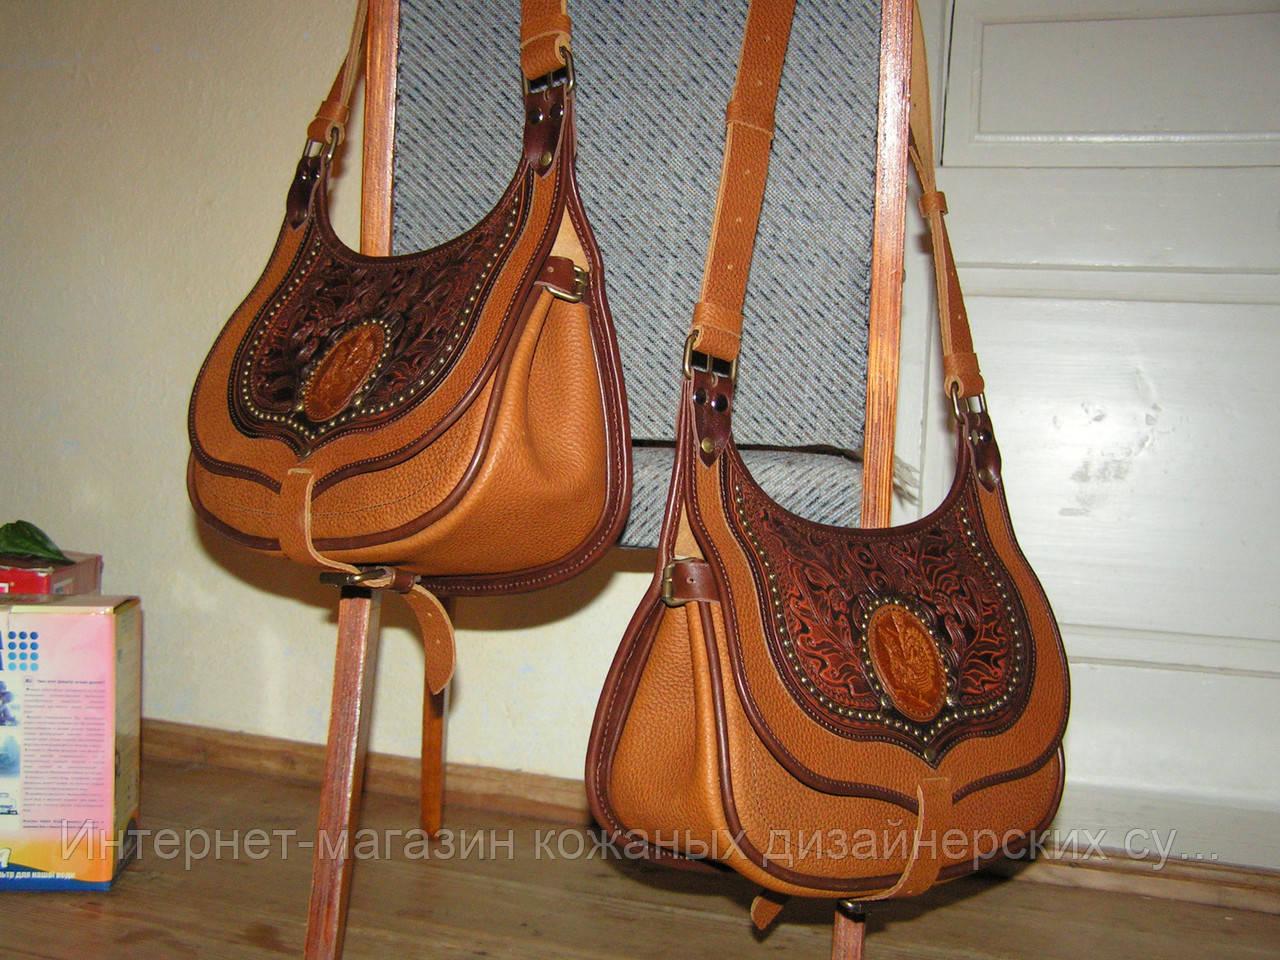 76eedb8ddd99 Кожаная сумка ручной работы